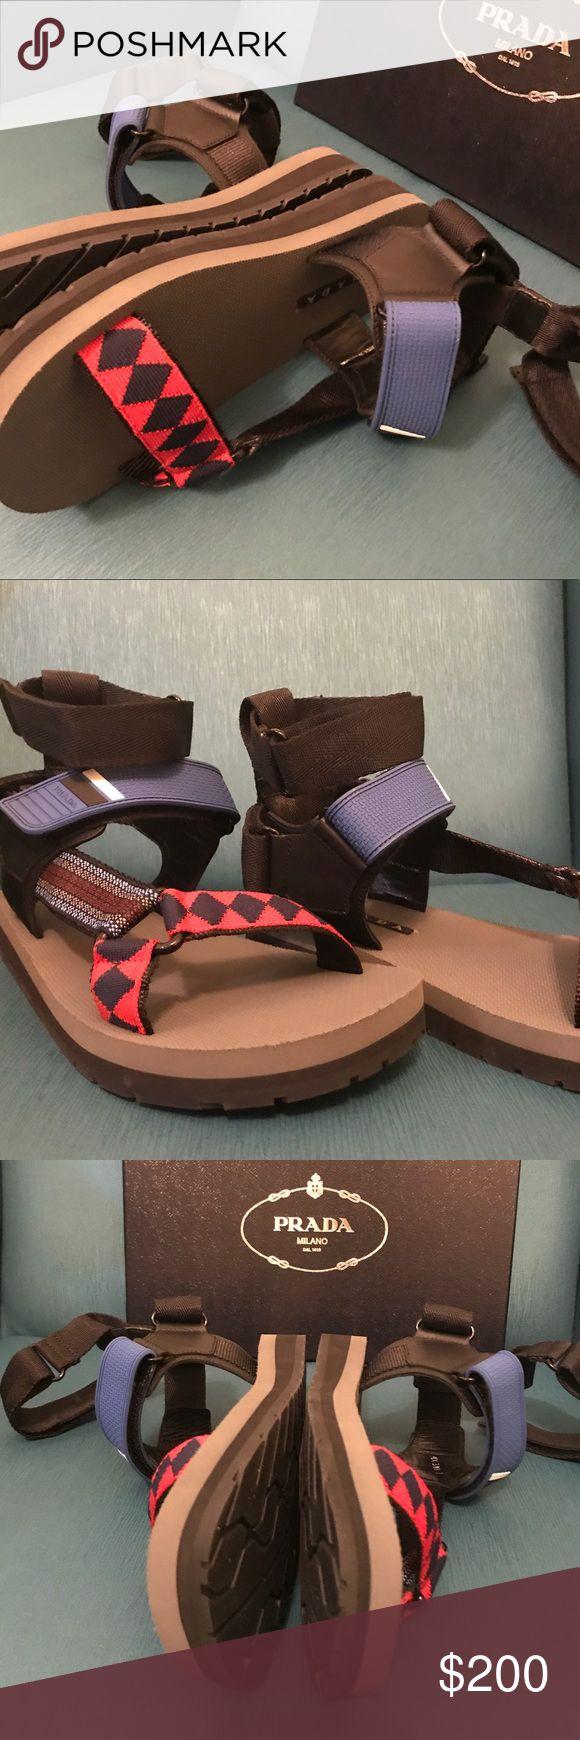 Prada Nastro Teva Sandals - Prada Size 7 Prada Nastro Teva Sandals-Prada Size 7, actually fits like American 9. Love them. Not for sale. Prada Shoes Sandals & Flip-Flops